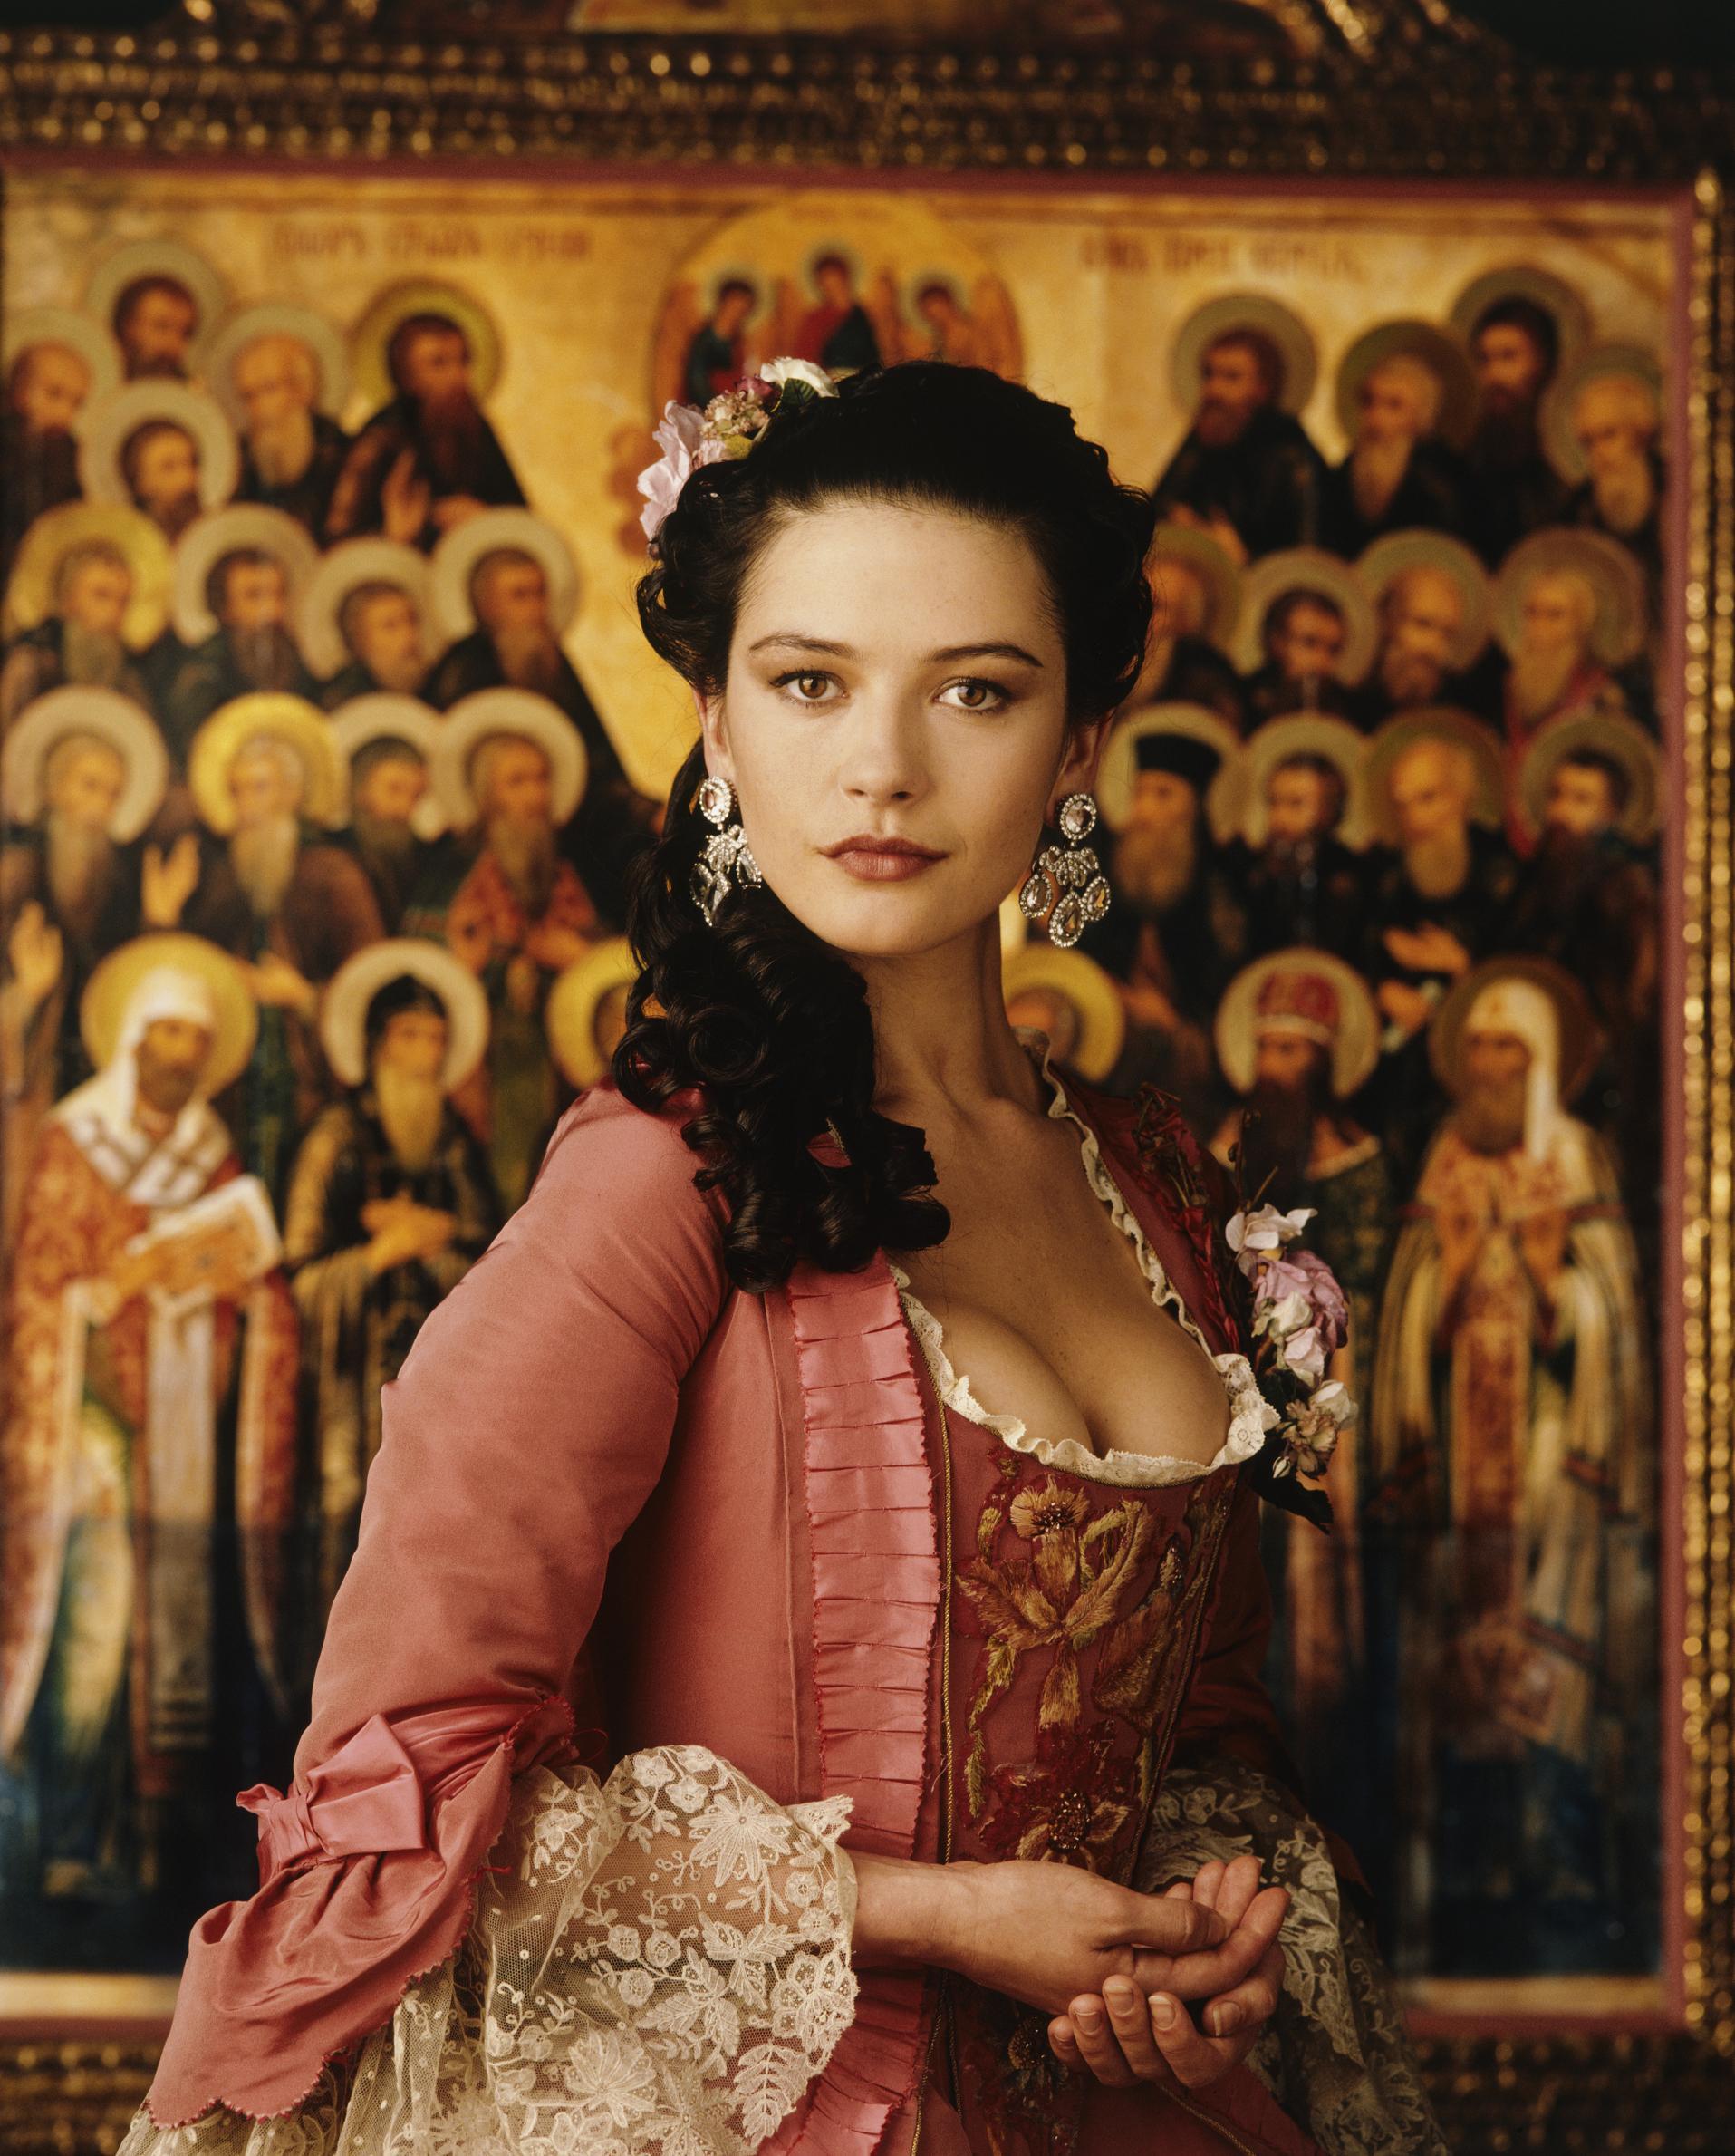 екатерина и ее дикие жеребцы 2 на русском смотреть